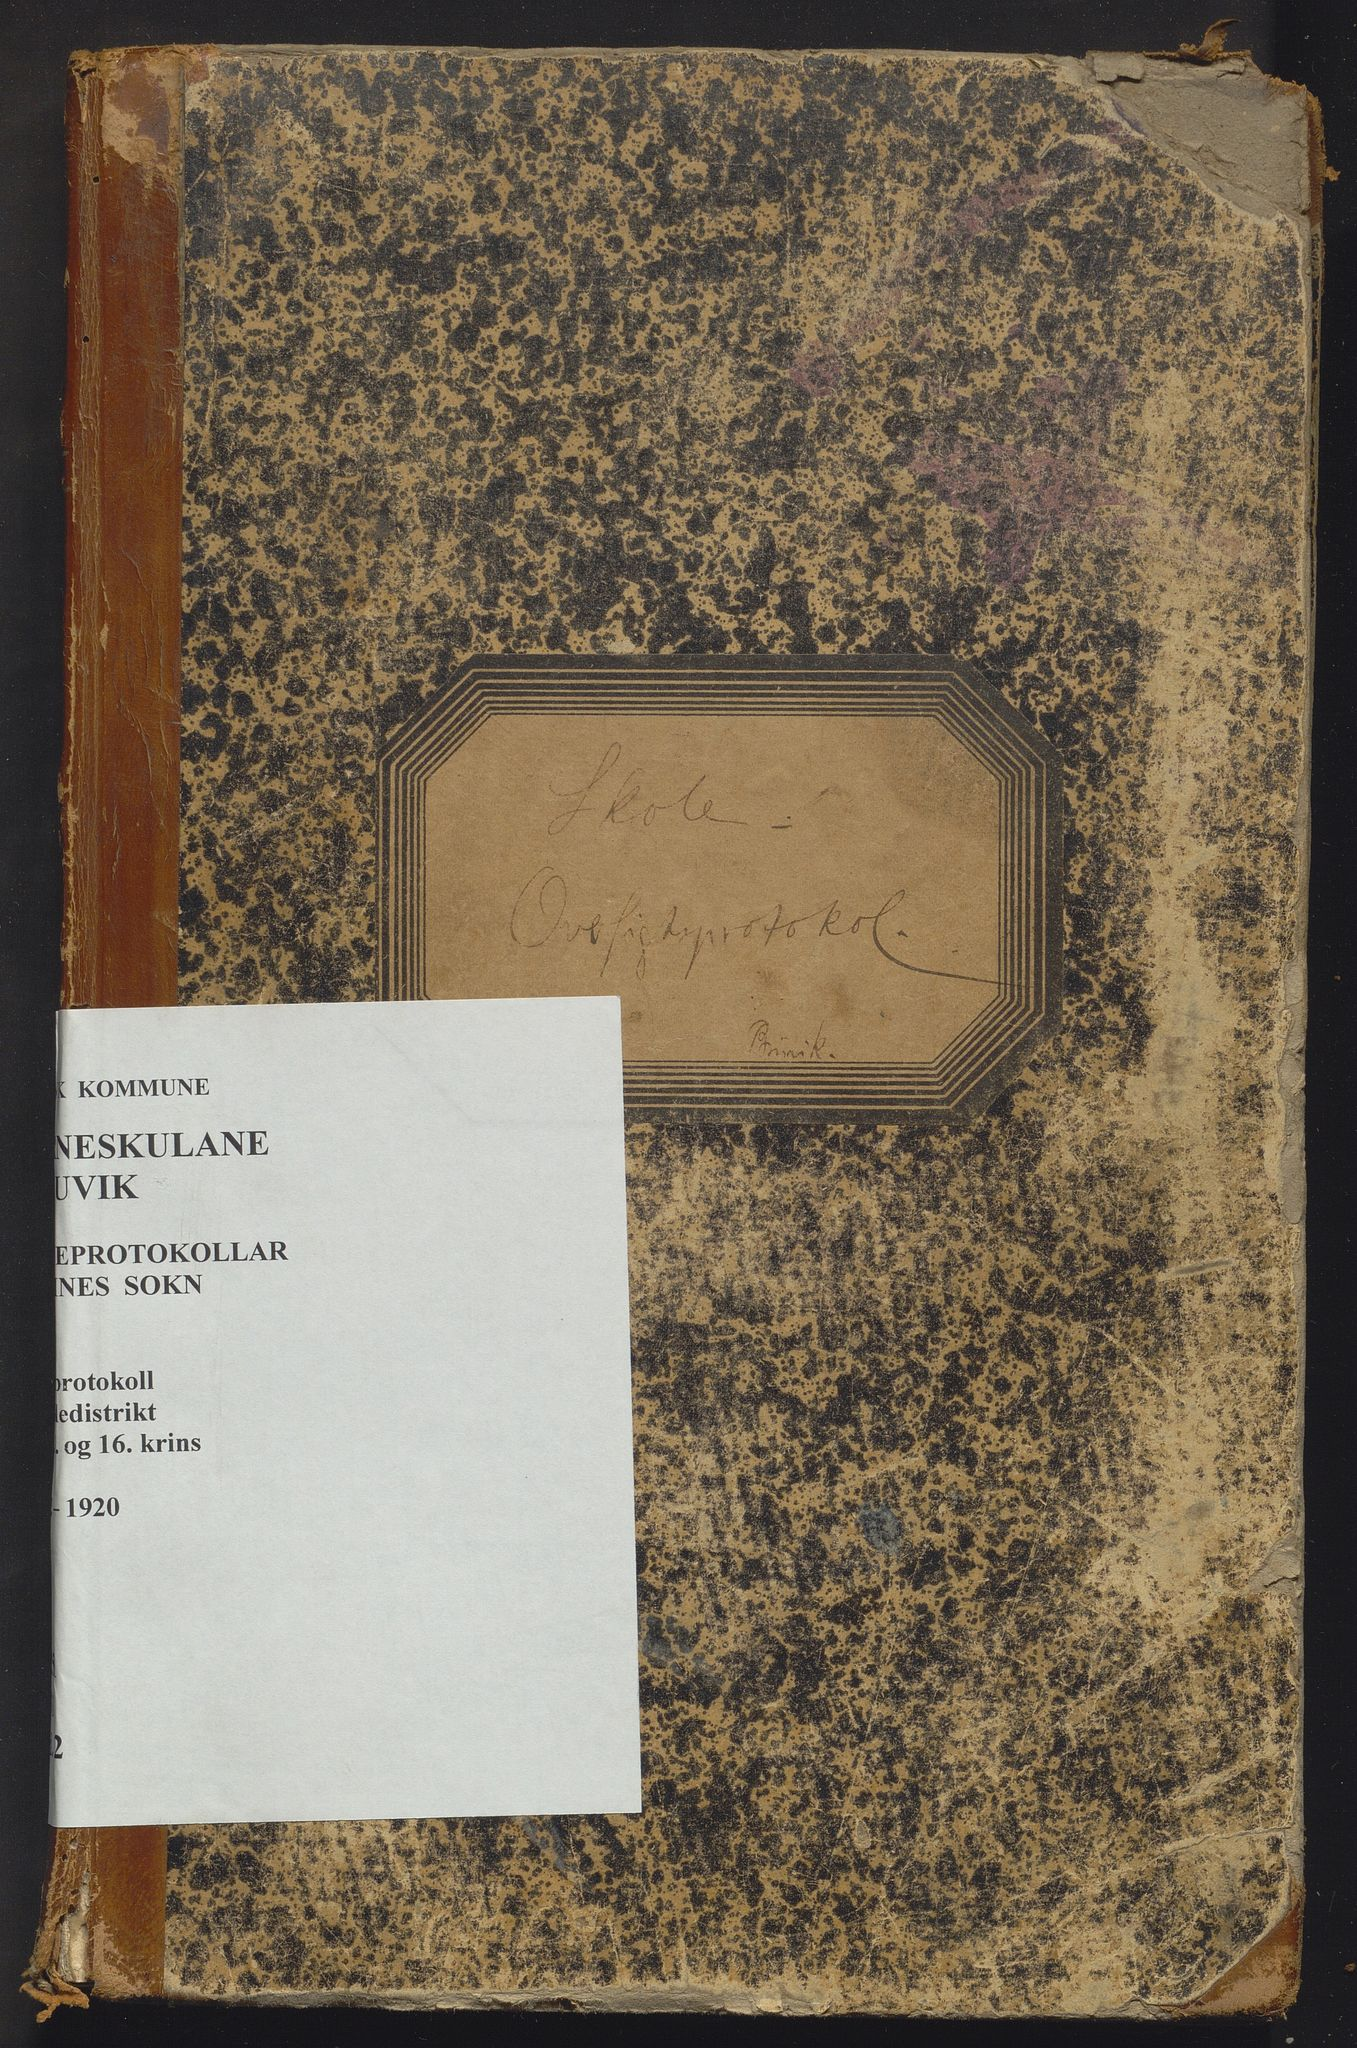 IKAH, Bruvik kommune. Barneskulane, F/Fd/L0002: Skuleprotokoll for Straume, Øye, Toskedal, Eidsfjorden, Furnes og Bolstadfjorden krinsar, 1892-1920